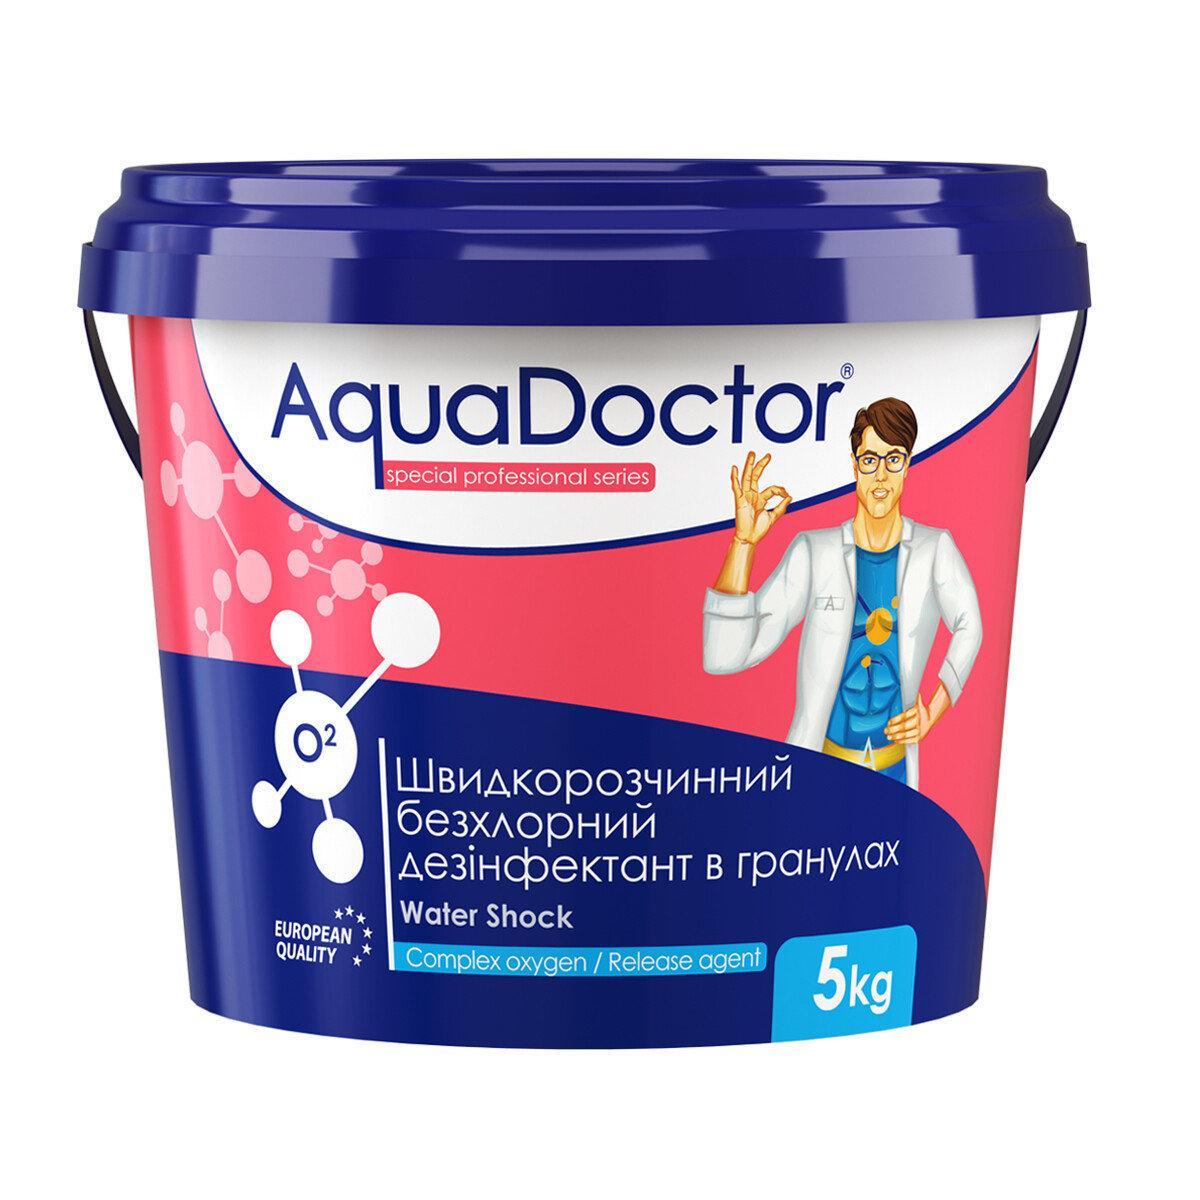 Дезинфектант на основе активного кислорода Aquadoctor Water Shock 1 кг (O2-1)